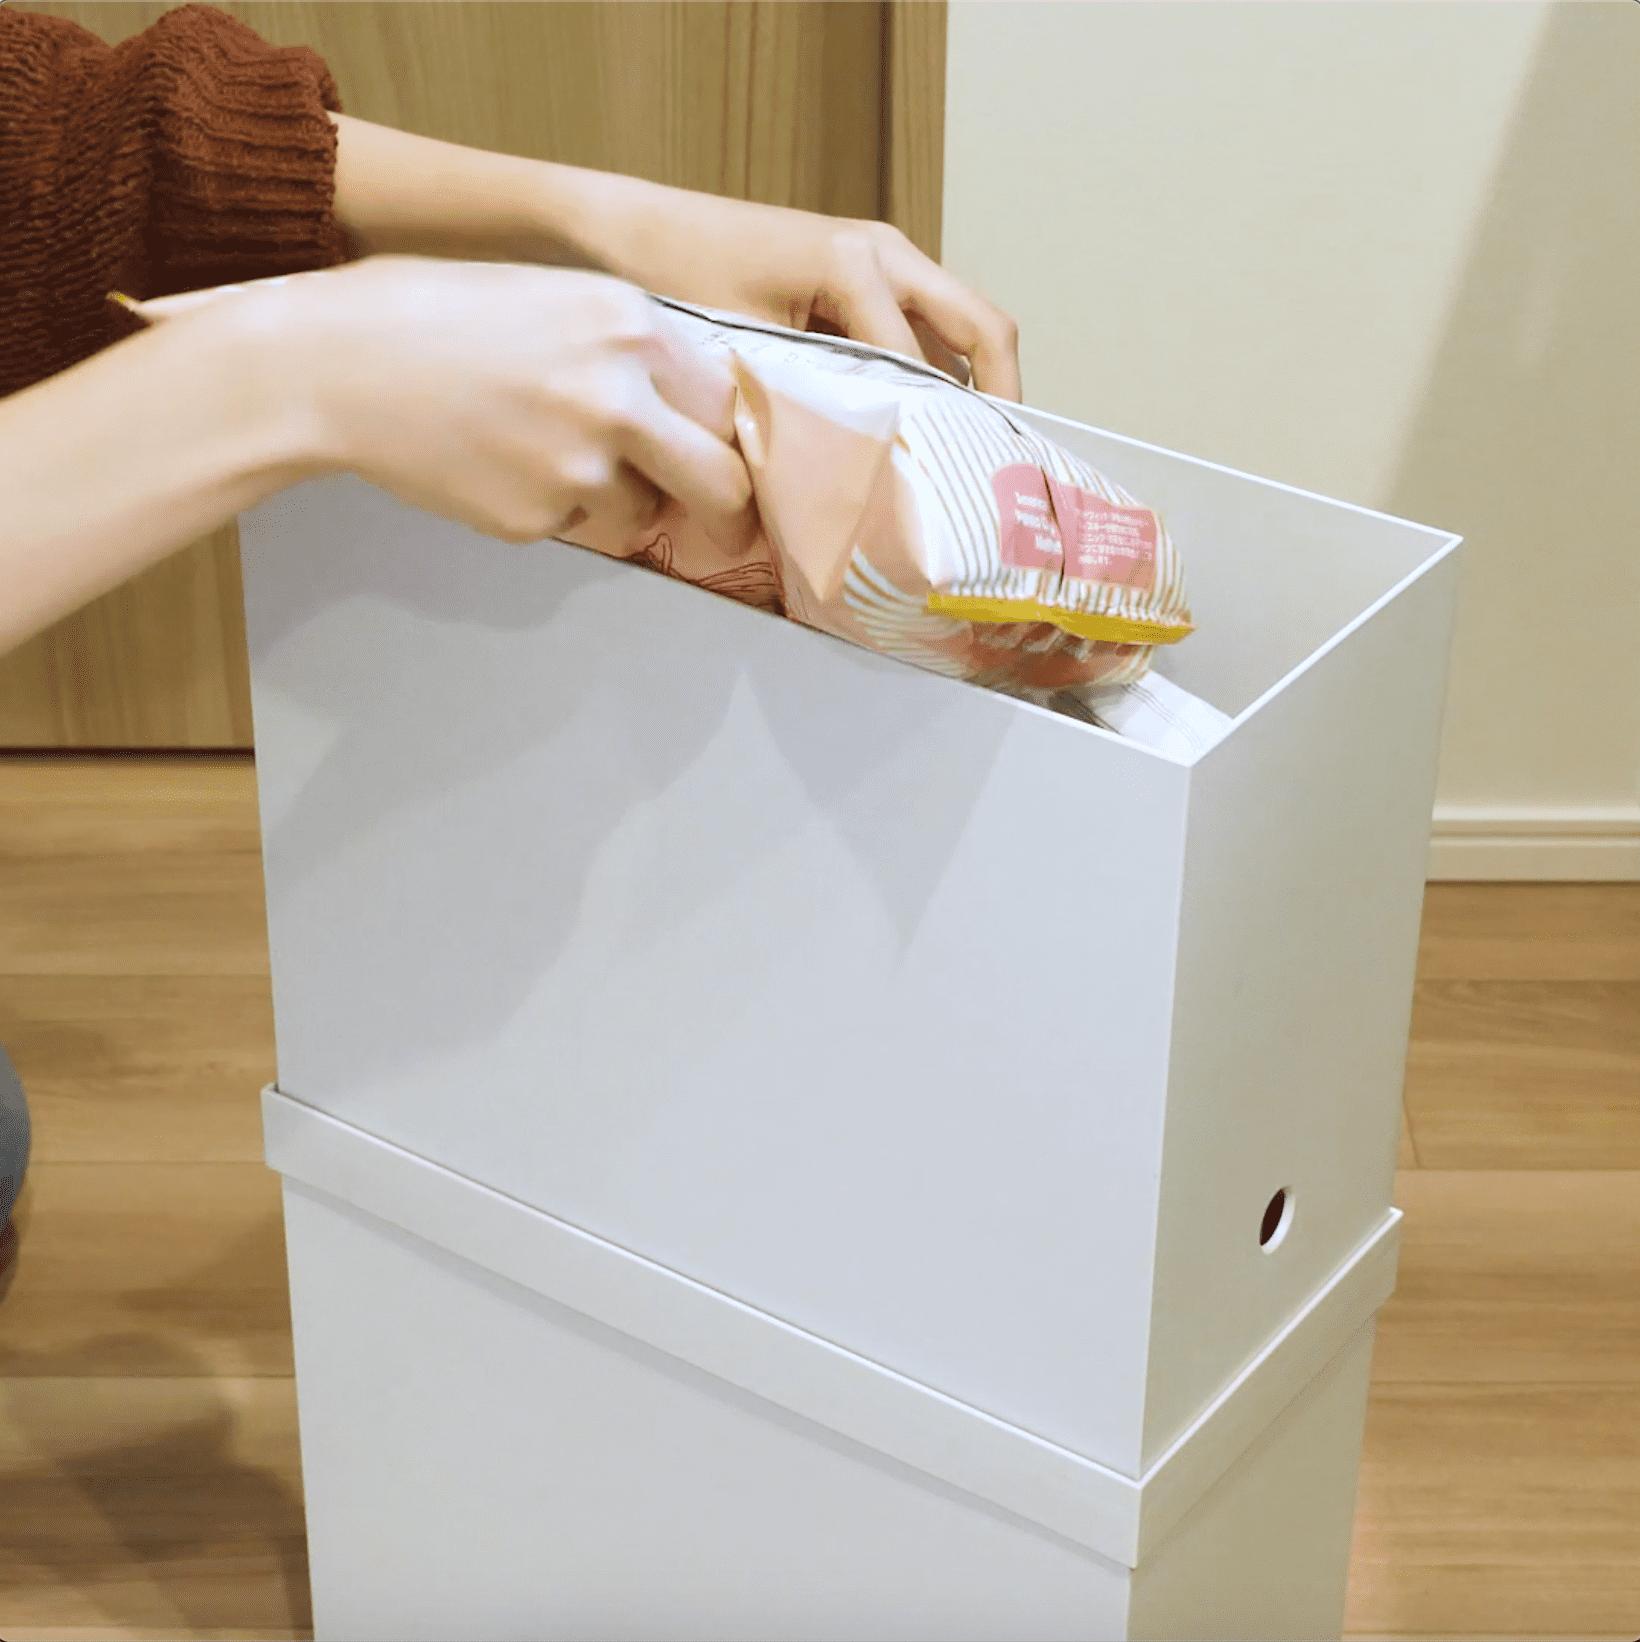 スッキリアイテムを使用してキッチン周りを使いやすく!収納テク3選